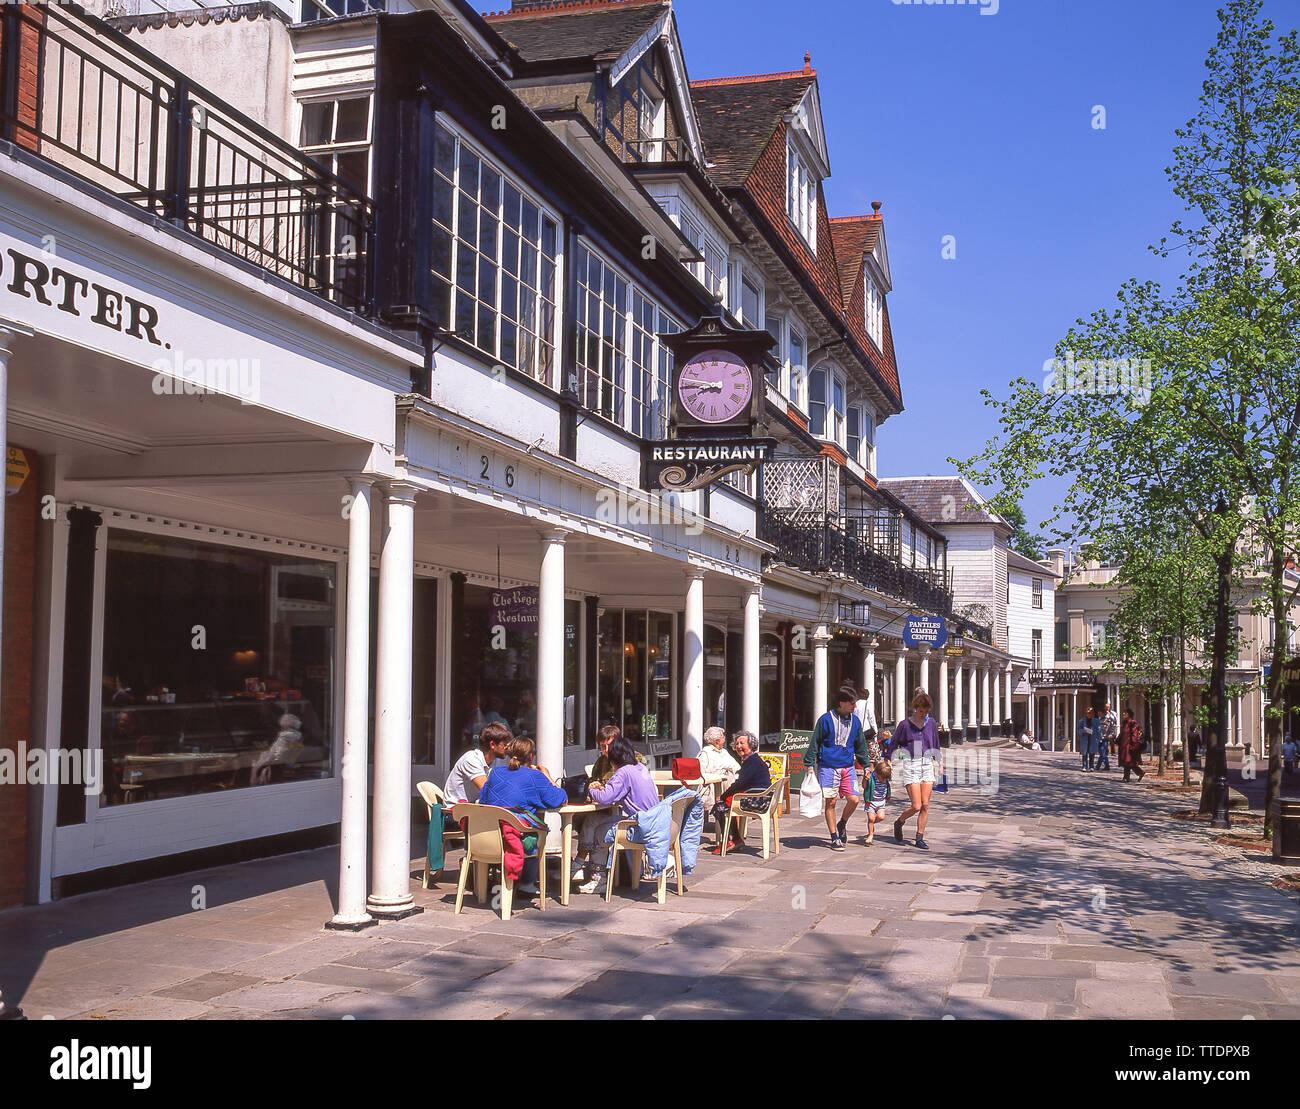 Boutiques et restaurants, les Pantiles, Royal Tunbridge Wells, Kent, Angleterre, Royaume-Uni Banque D'Images